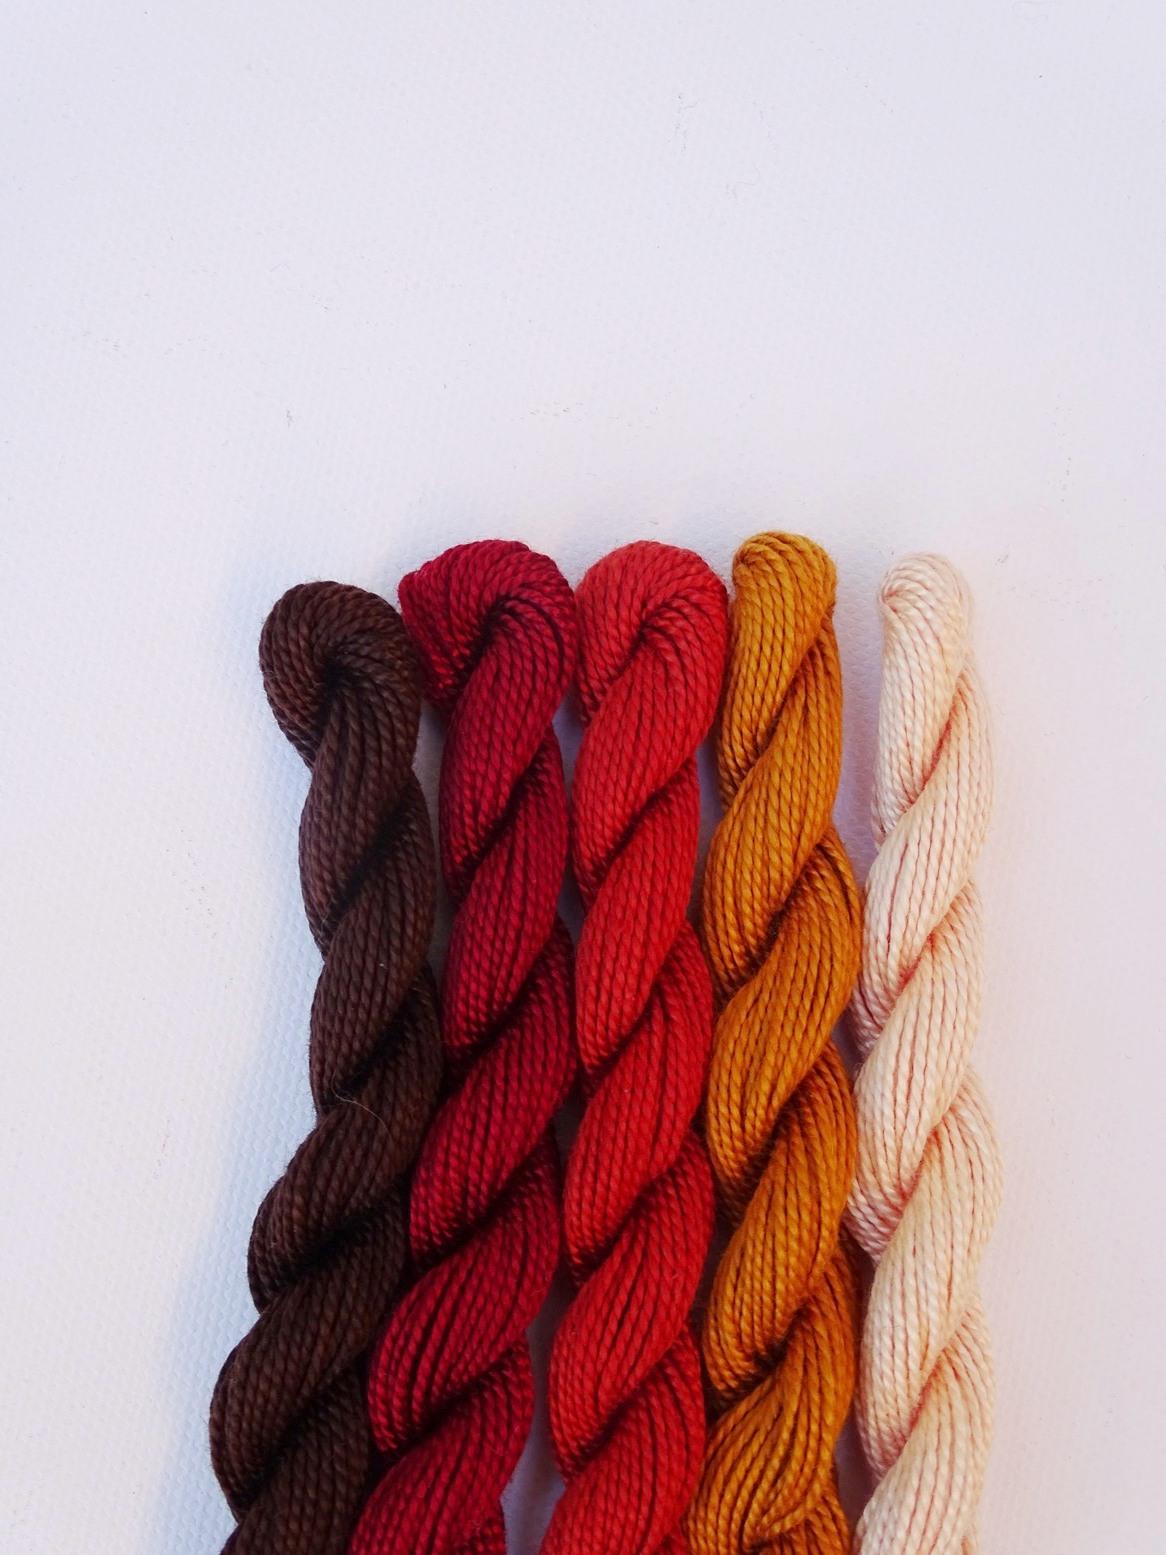 Herbstliche Farbkombination mit Braun, Rost, Fuchsrot, Ocker und Puder